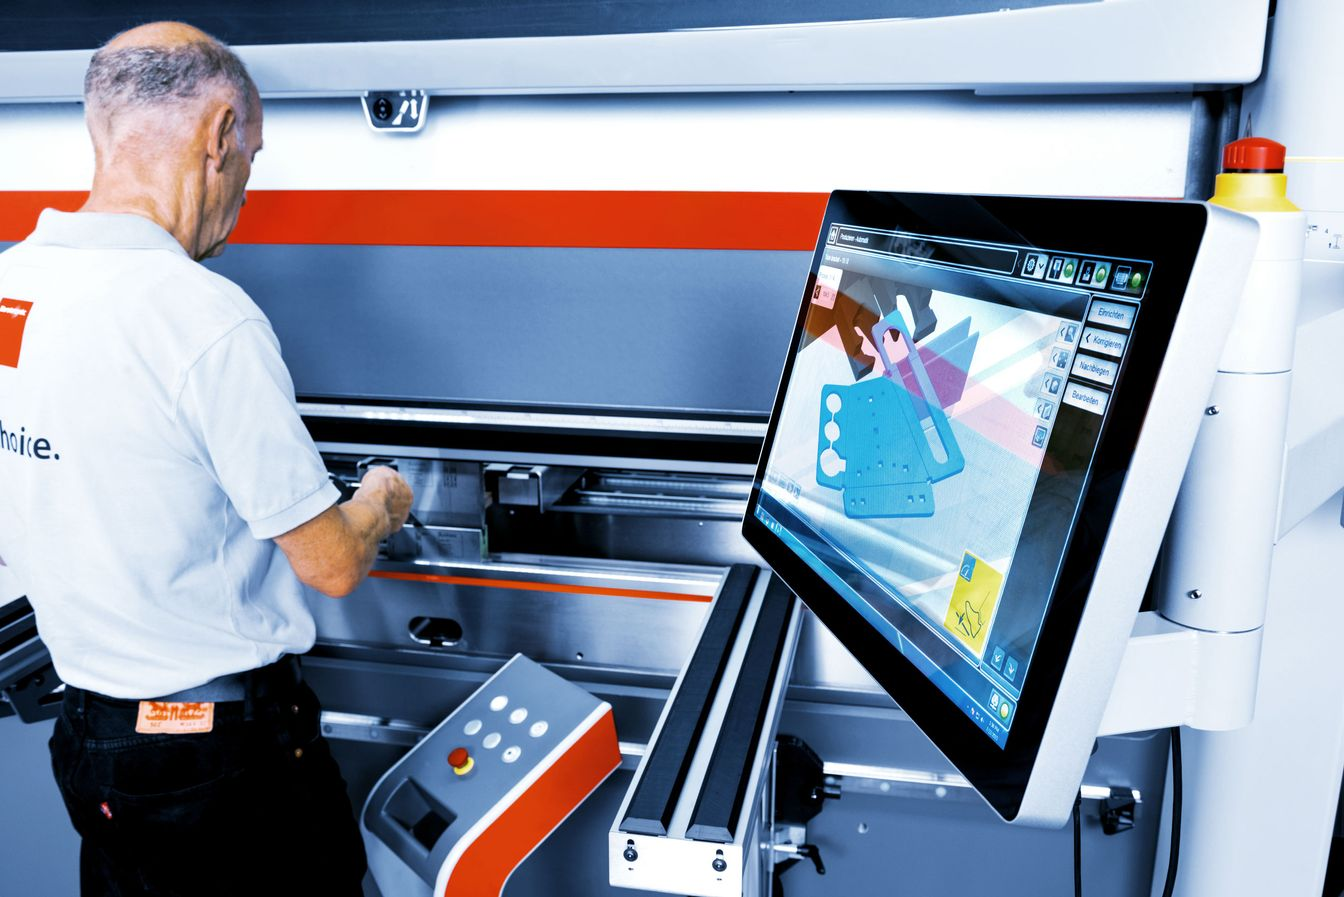 Sheet laser cutting